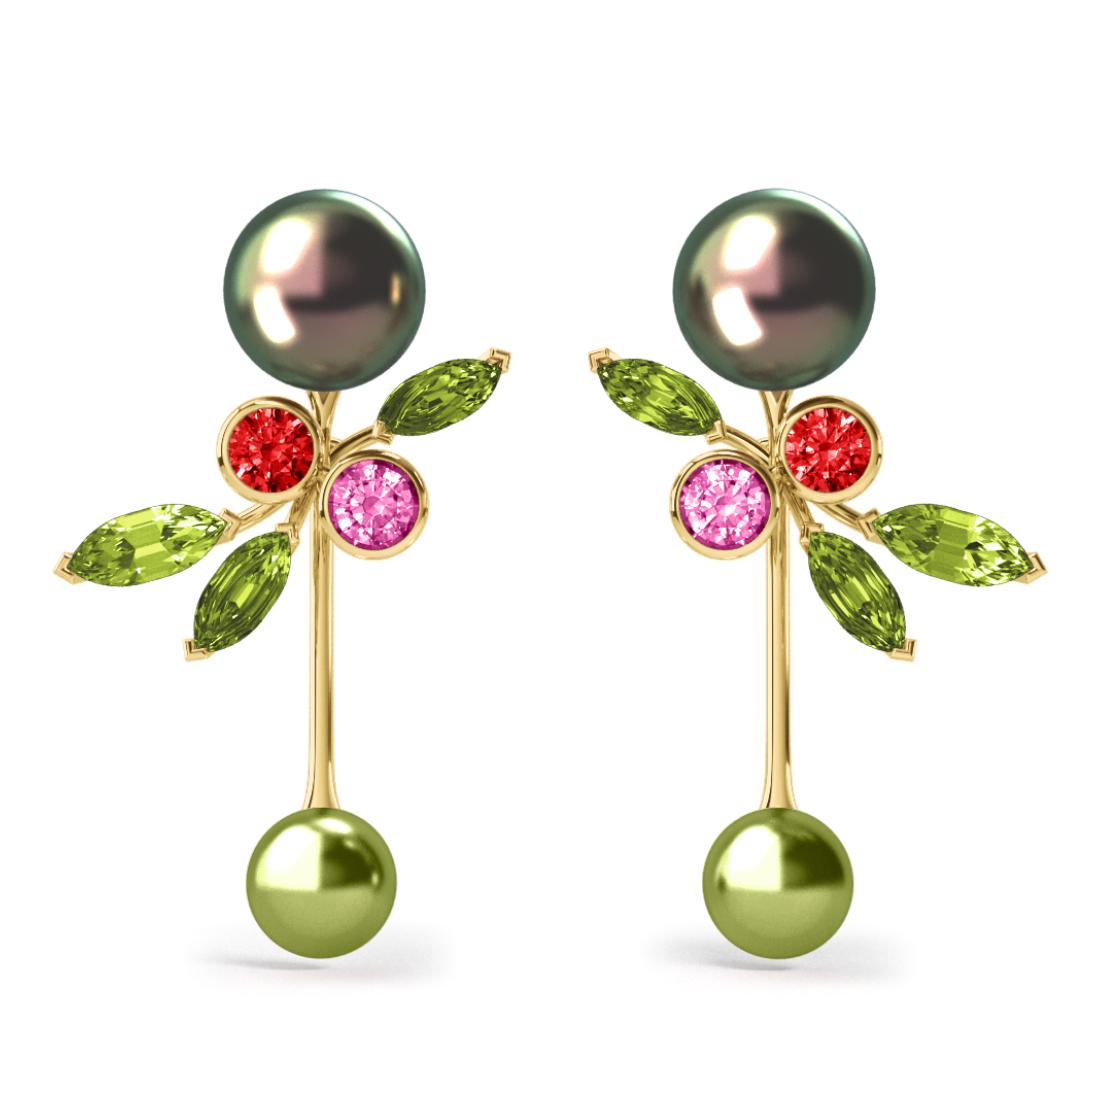 Boucles d'oreilles Pearly Angel Peacock & Pistache - Saphirs, diamants, peridots & perles de Tahiti <br /> Or jaune 18 carats